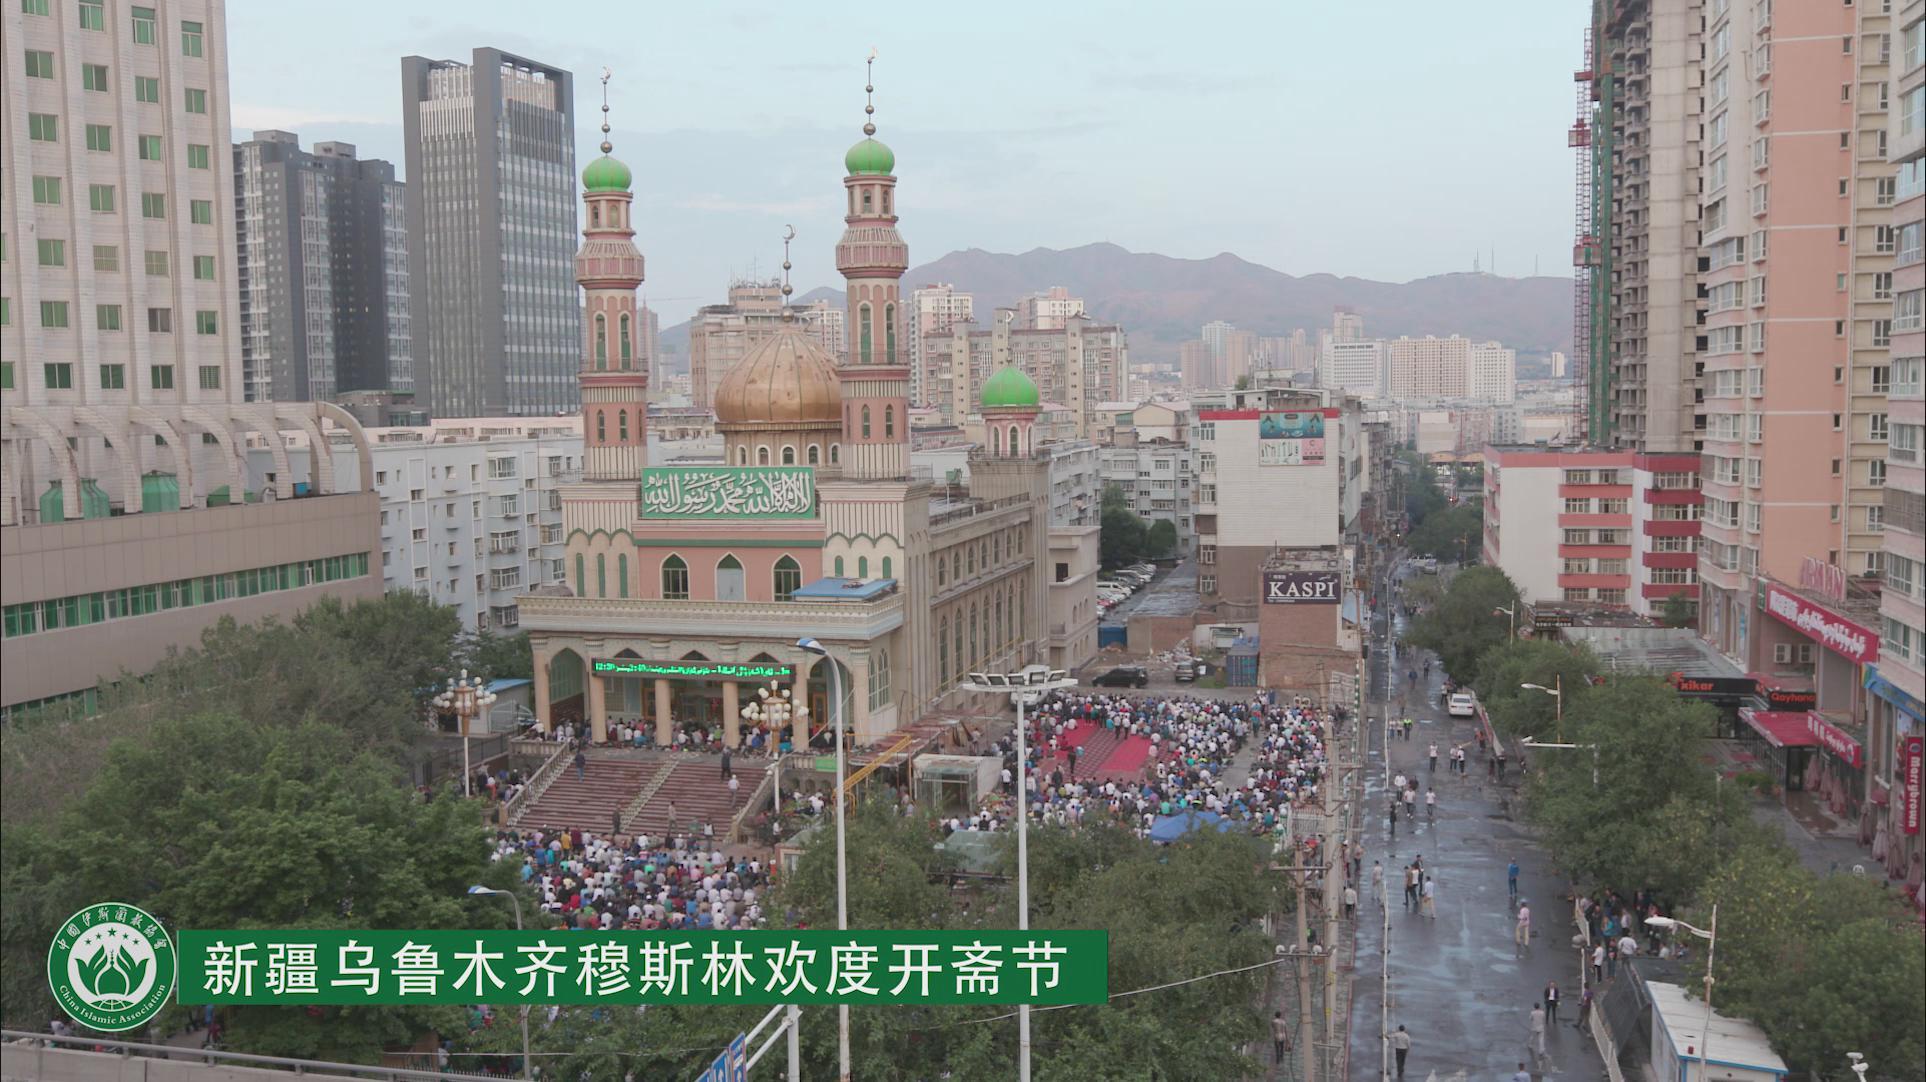 新疆乌鲁木齐穆斯林欢度开斋节